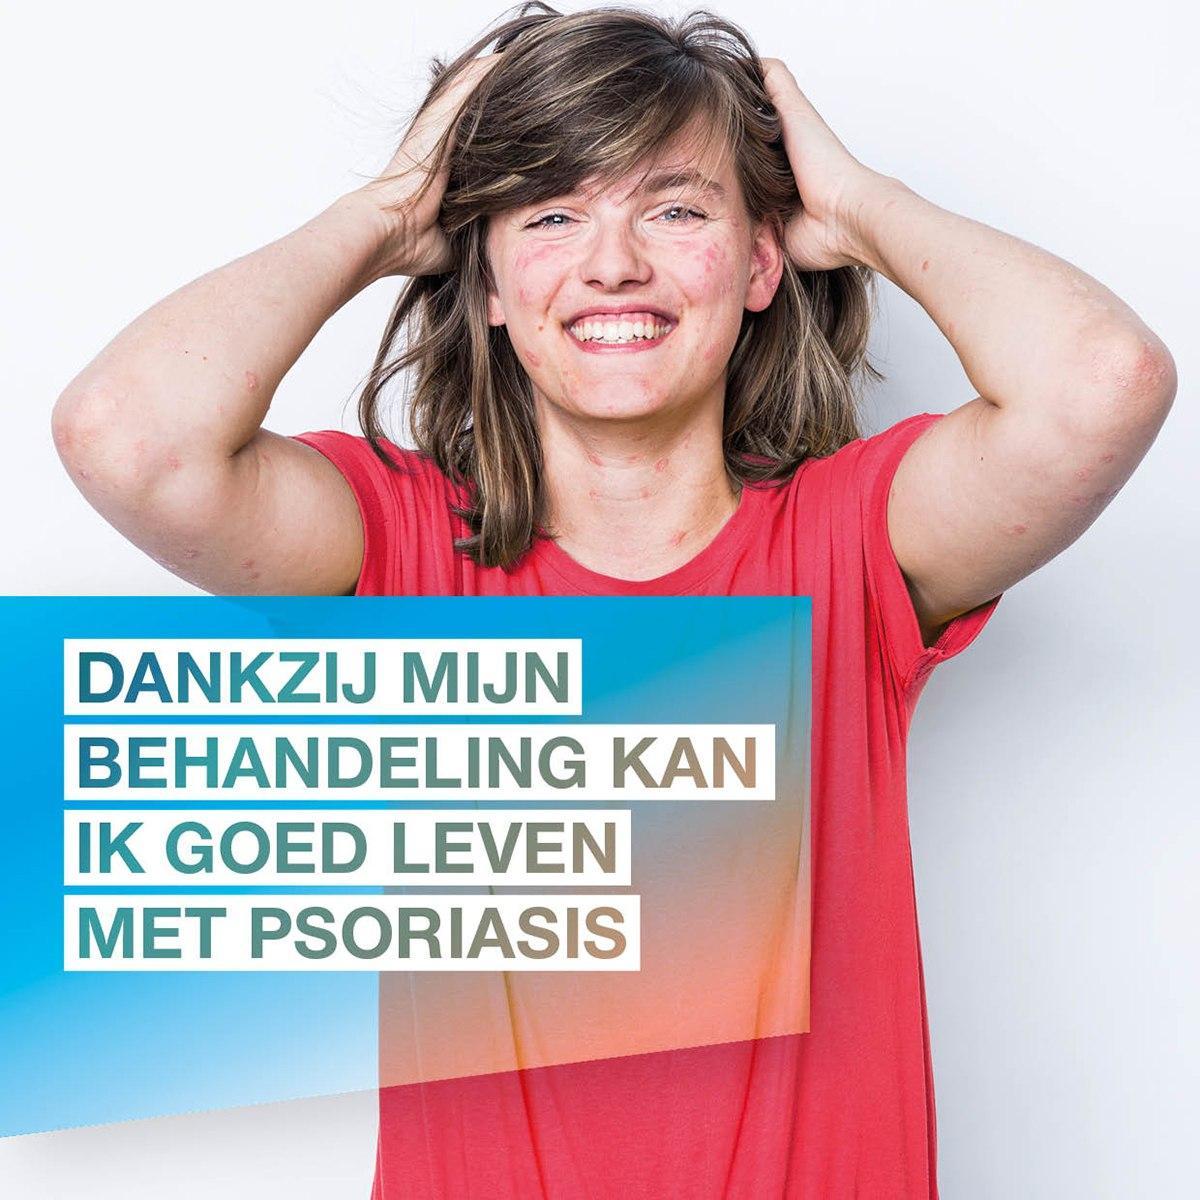 psoriasis vereniging nederland